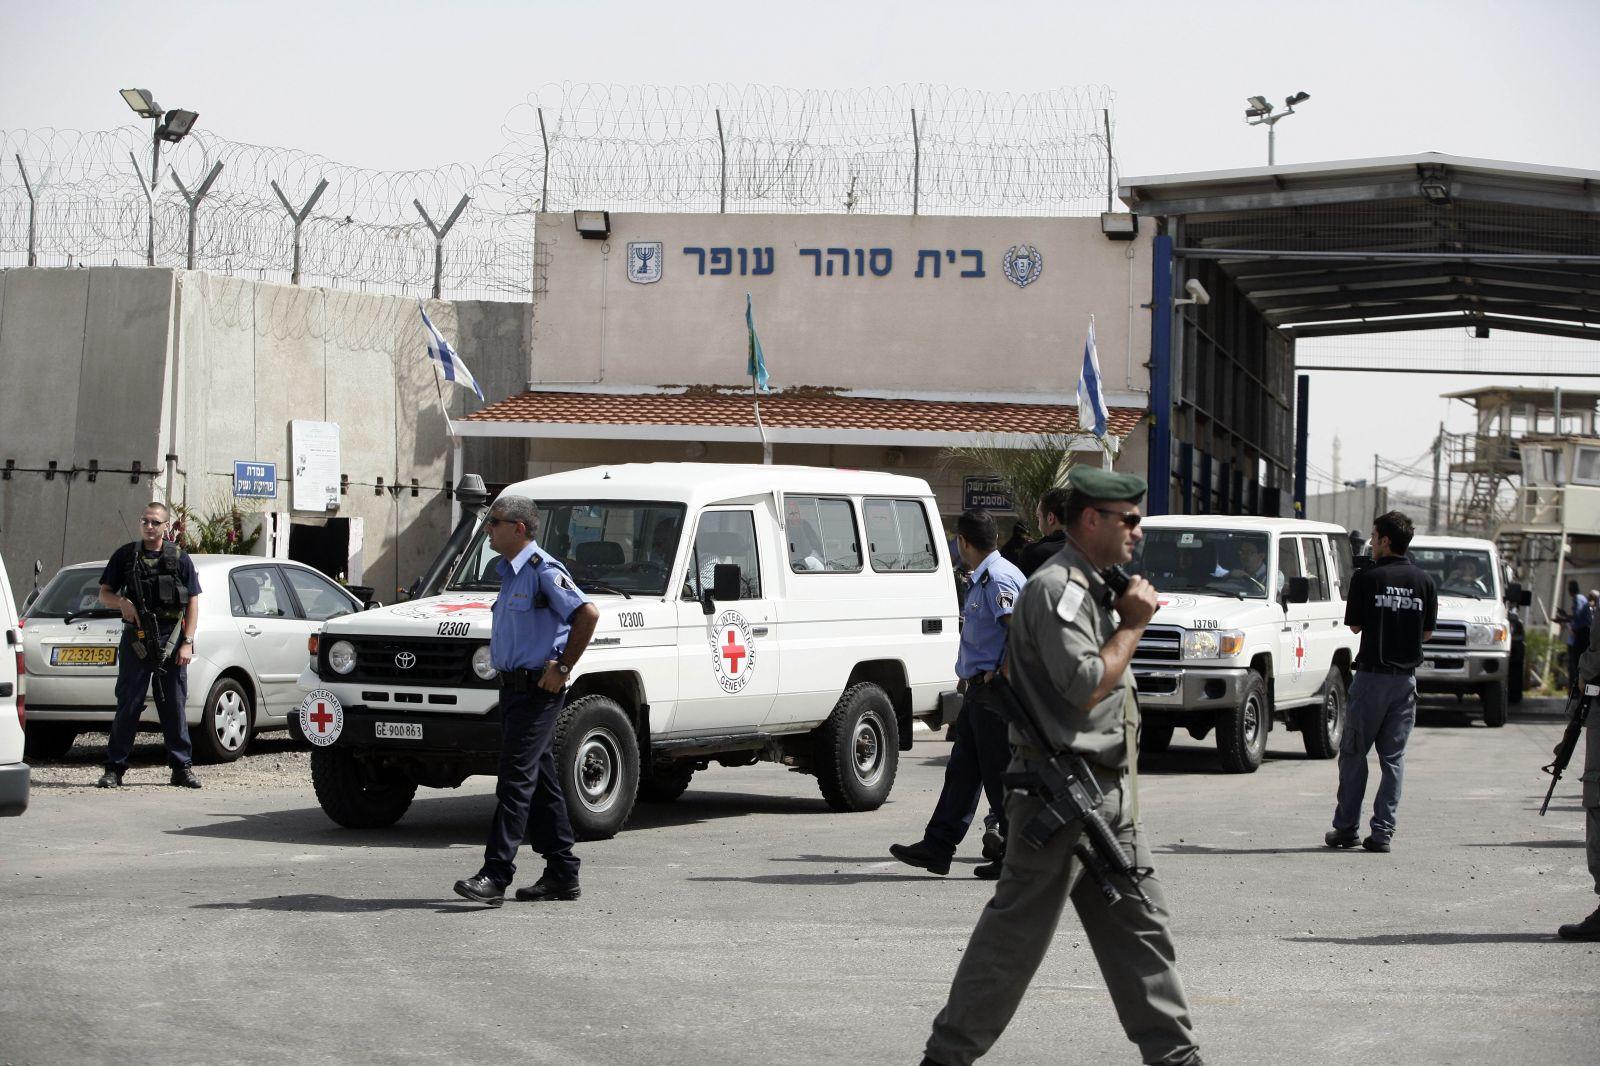 الاحتلال يفرض القانون الجنائي الإسرائيلي على الفلسطينيين